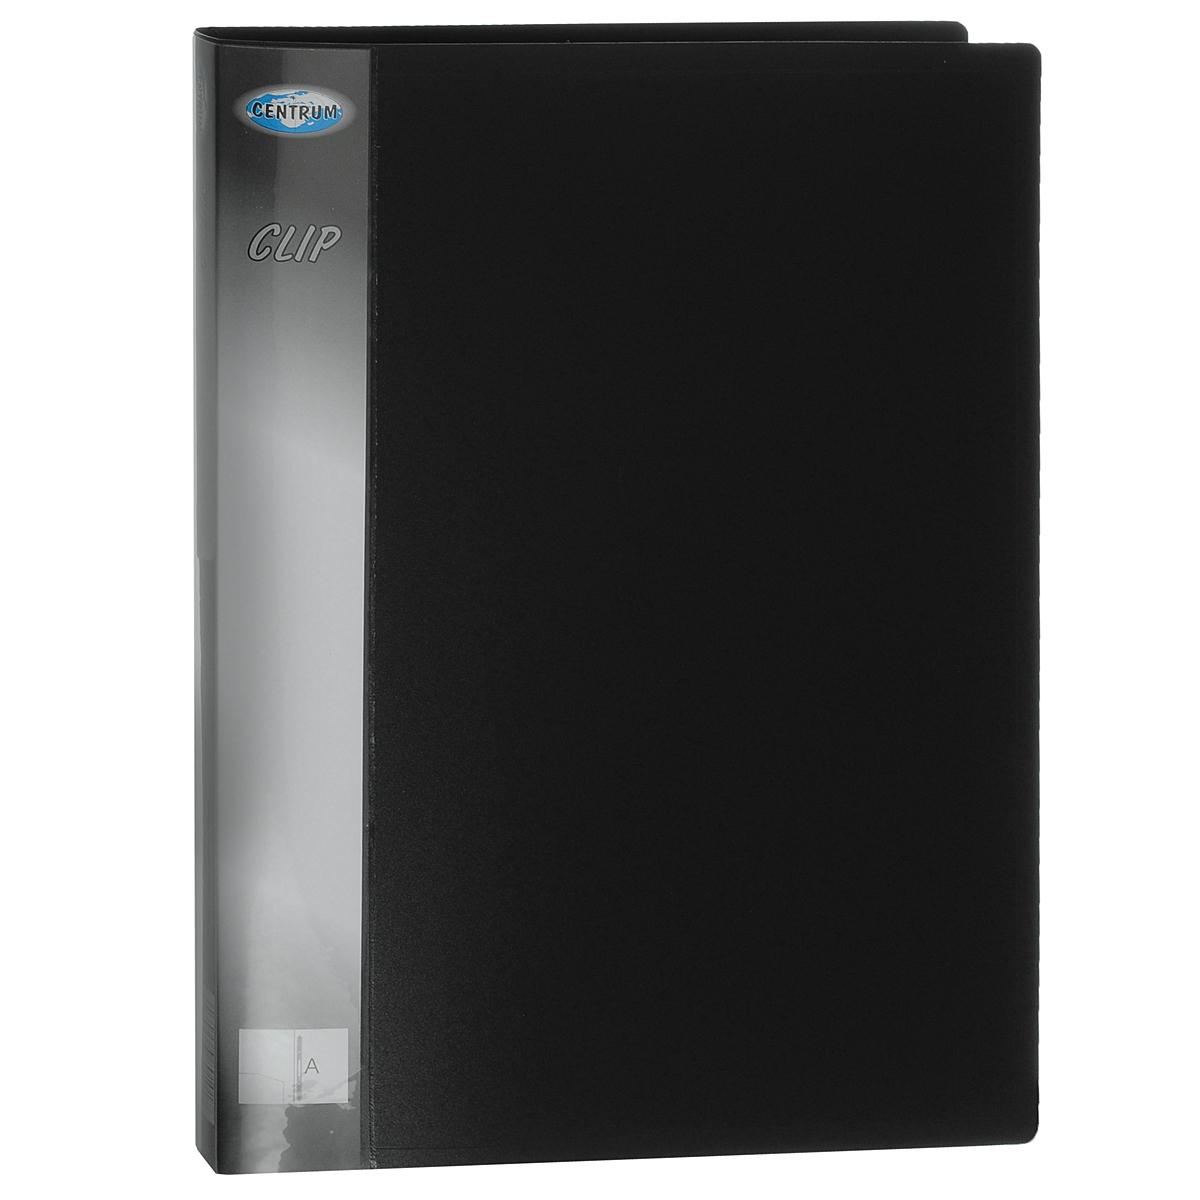 Папка-скоросшиватель Centrum, цвет: черный. Формат А4FS-36054Папка-скоросшиватель Centrum станет вашим верным помощником дома и в офисе. Это удобный и функциональный инструмент, предназначенный для хранения и транспортировки рабочих бумаг и документов формата А4.Папка изготовлена из прочного высококачественного пластика толщиной 0,6 мм, оснащена металлическим пружинным скоросшивателем, который позволяет быстро фиксировать большие объемы документов. На внутренней стороне обложки располагается открытый карман из прозрачного пластика. Уголки имеют закругленную форму, что предотвращает их загибание и помогает надолго сохранить опрятный вид обложки.Папка - это незаменимый атрибут для любого студента, школьника или офисного работника. Такая папка надежно сохранит ваши бумаги и сбережет их от повреждений, пыли и влаги.